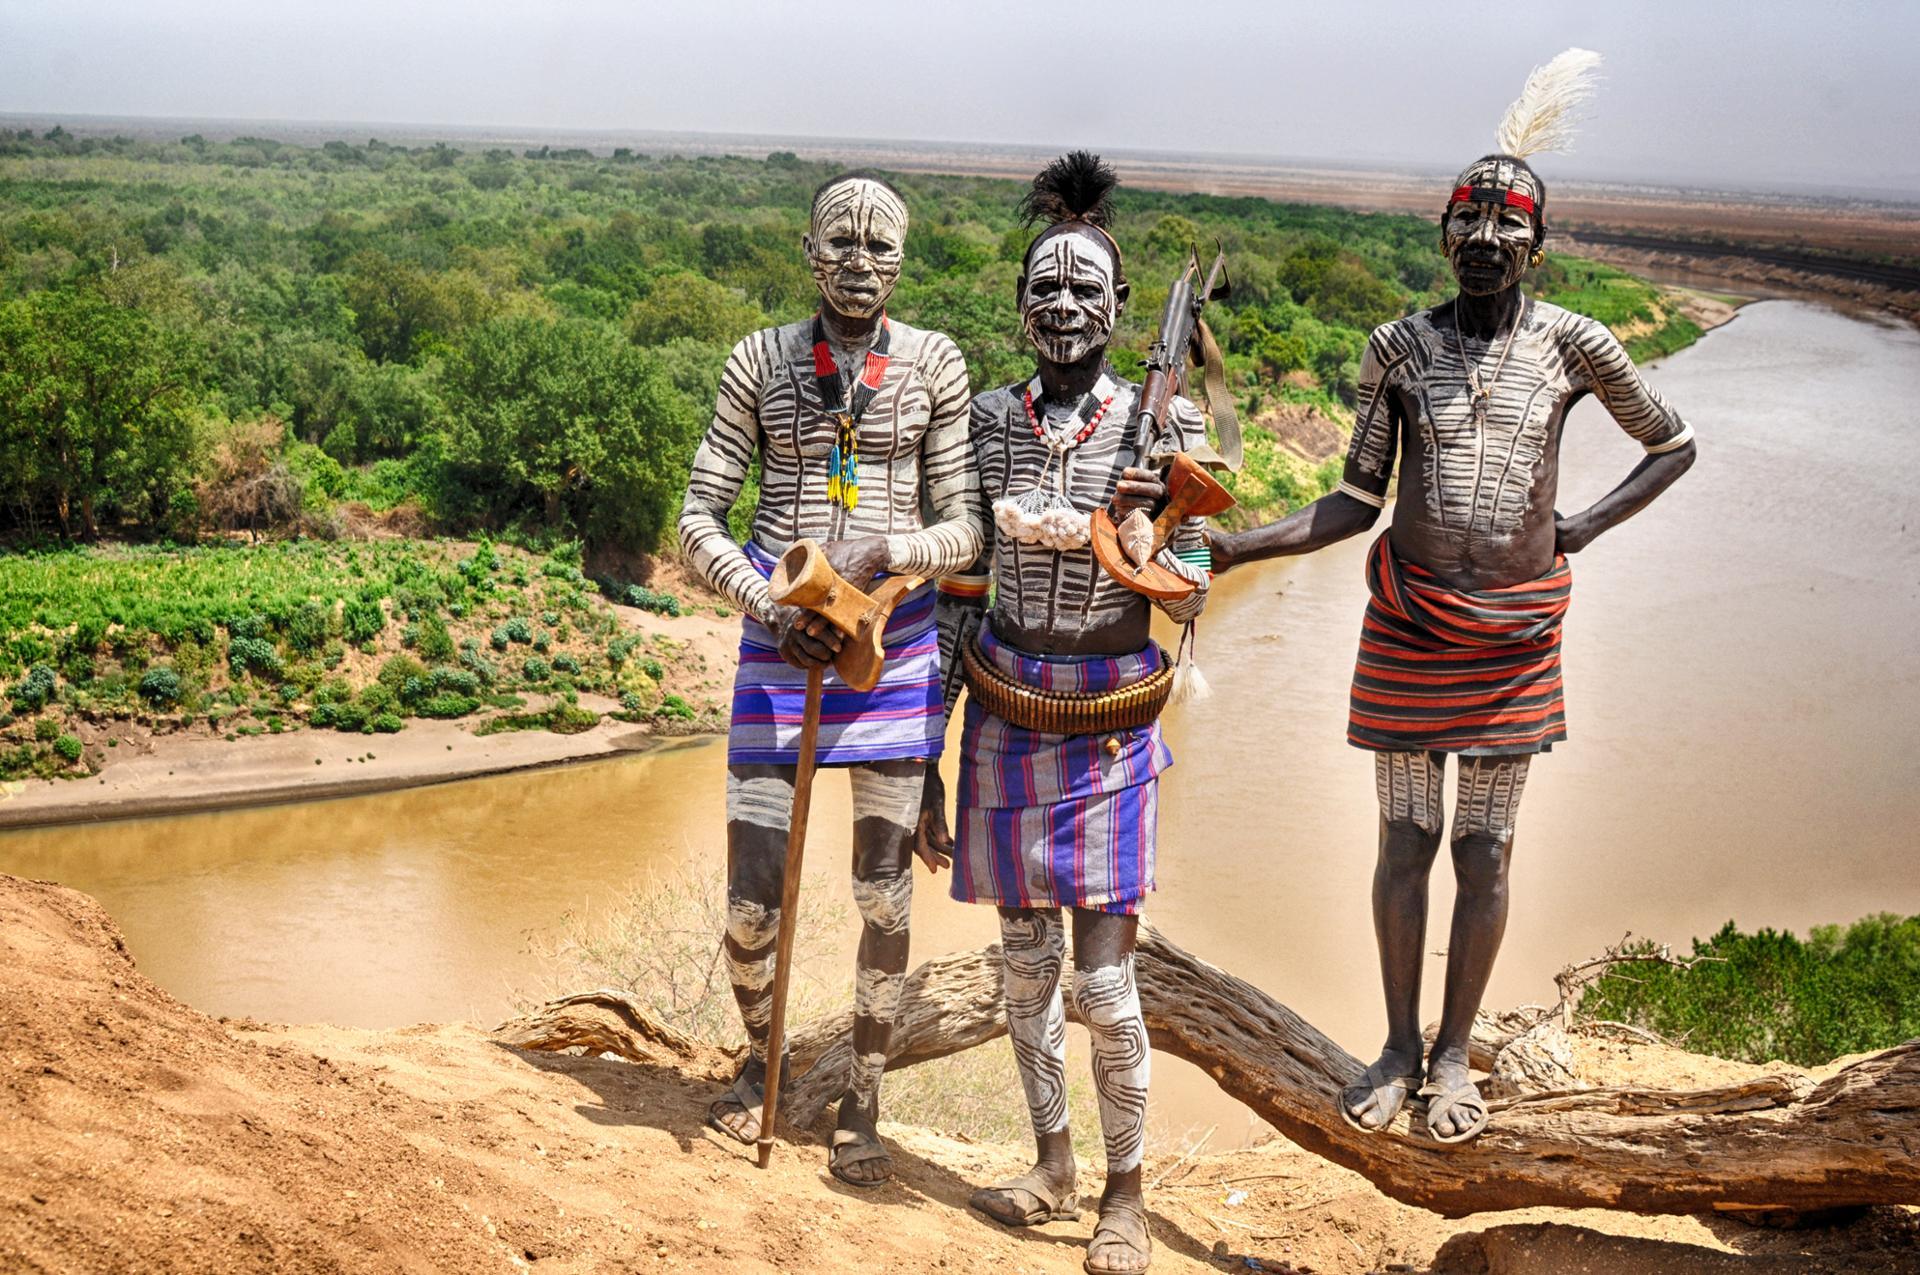 Guerriers de la tribu Karo (Vallée de l'Omo, Ethiopie)